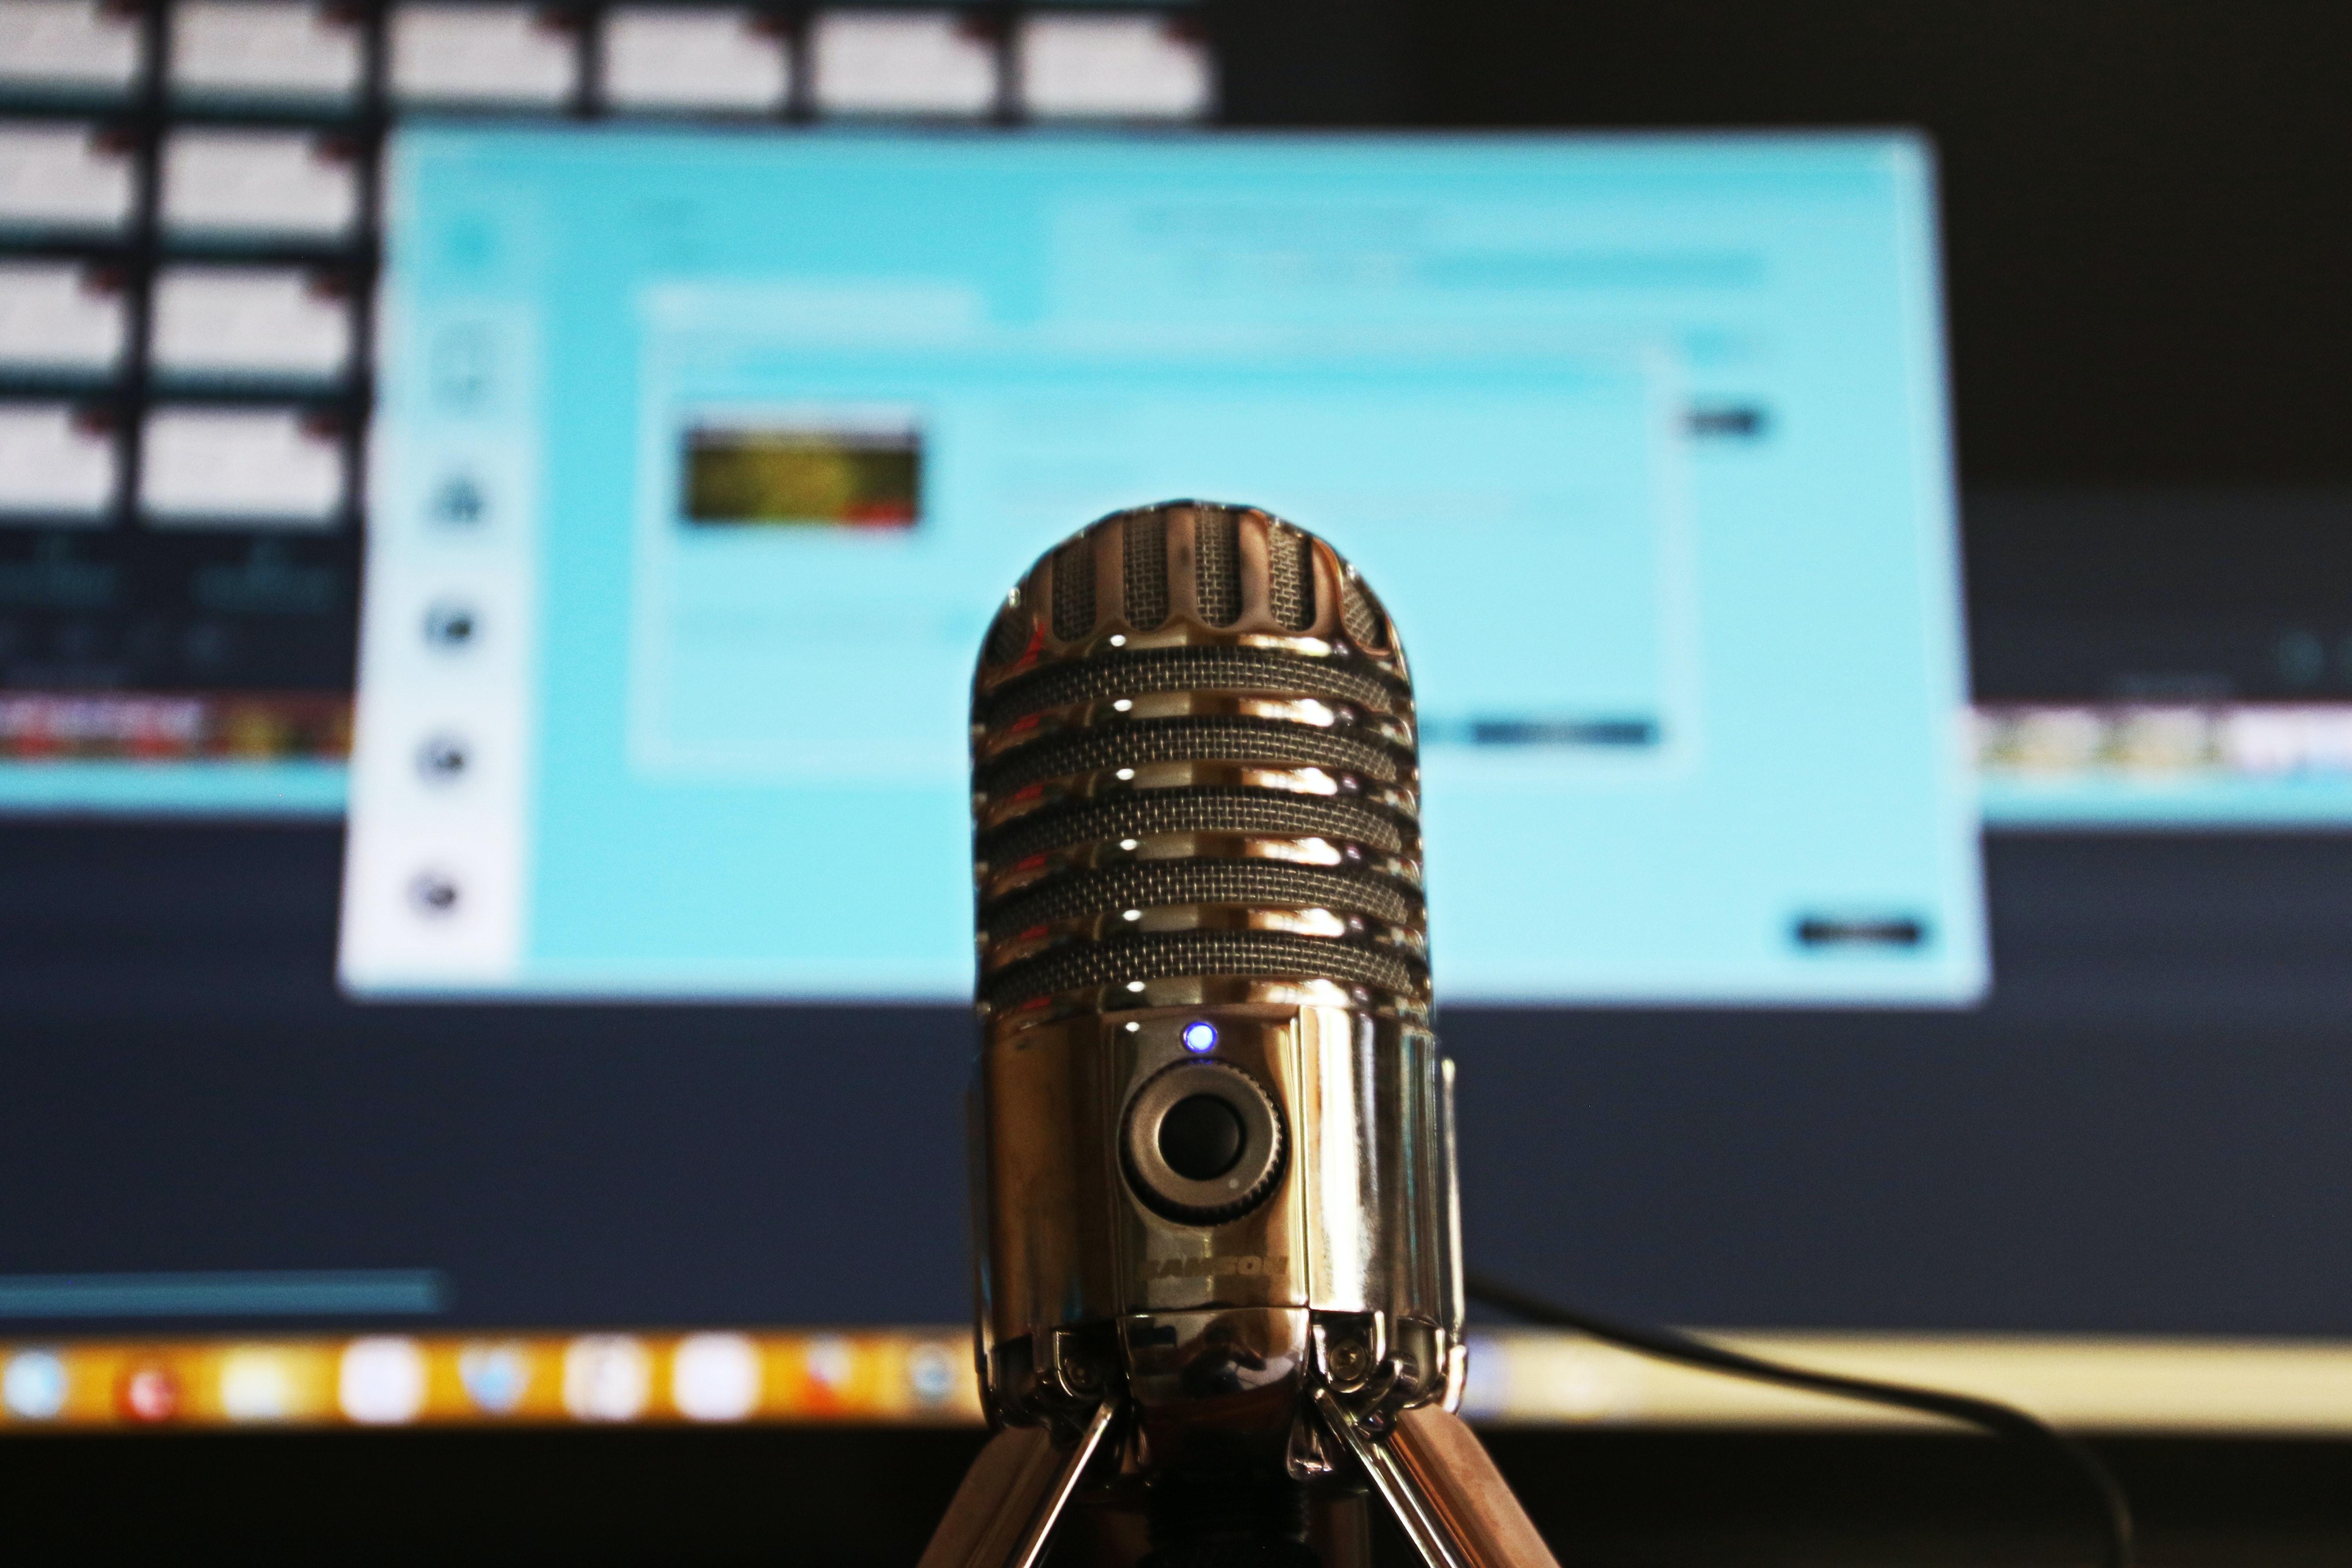 Els podcast són una eina de divulgació a l'alça ja que el format d'àudio es complementa amb els nostres hàbits socials de segmentació i immediatesa. Font: Magda Ehlers (Pexels)